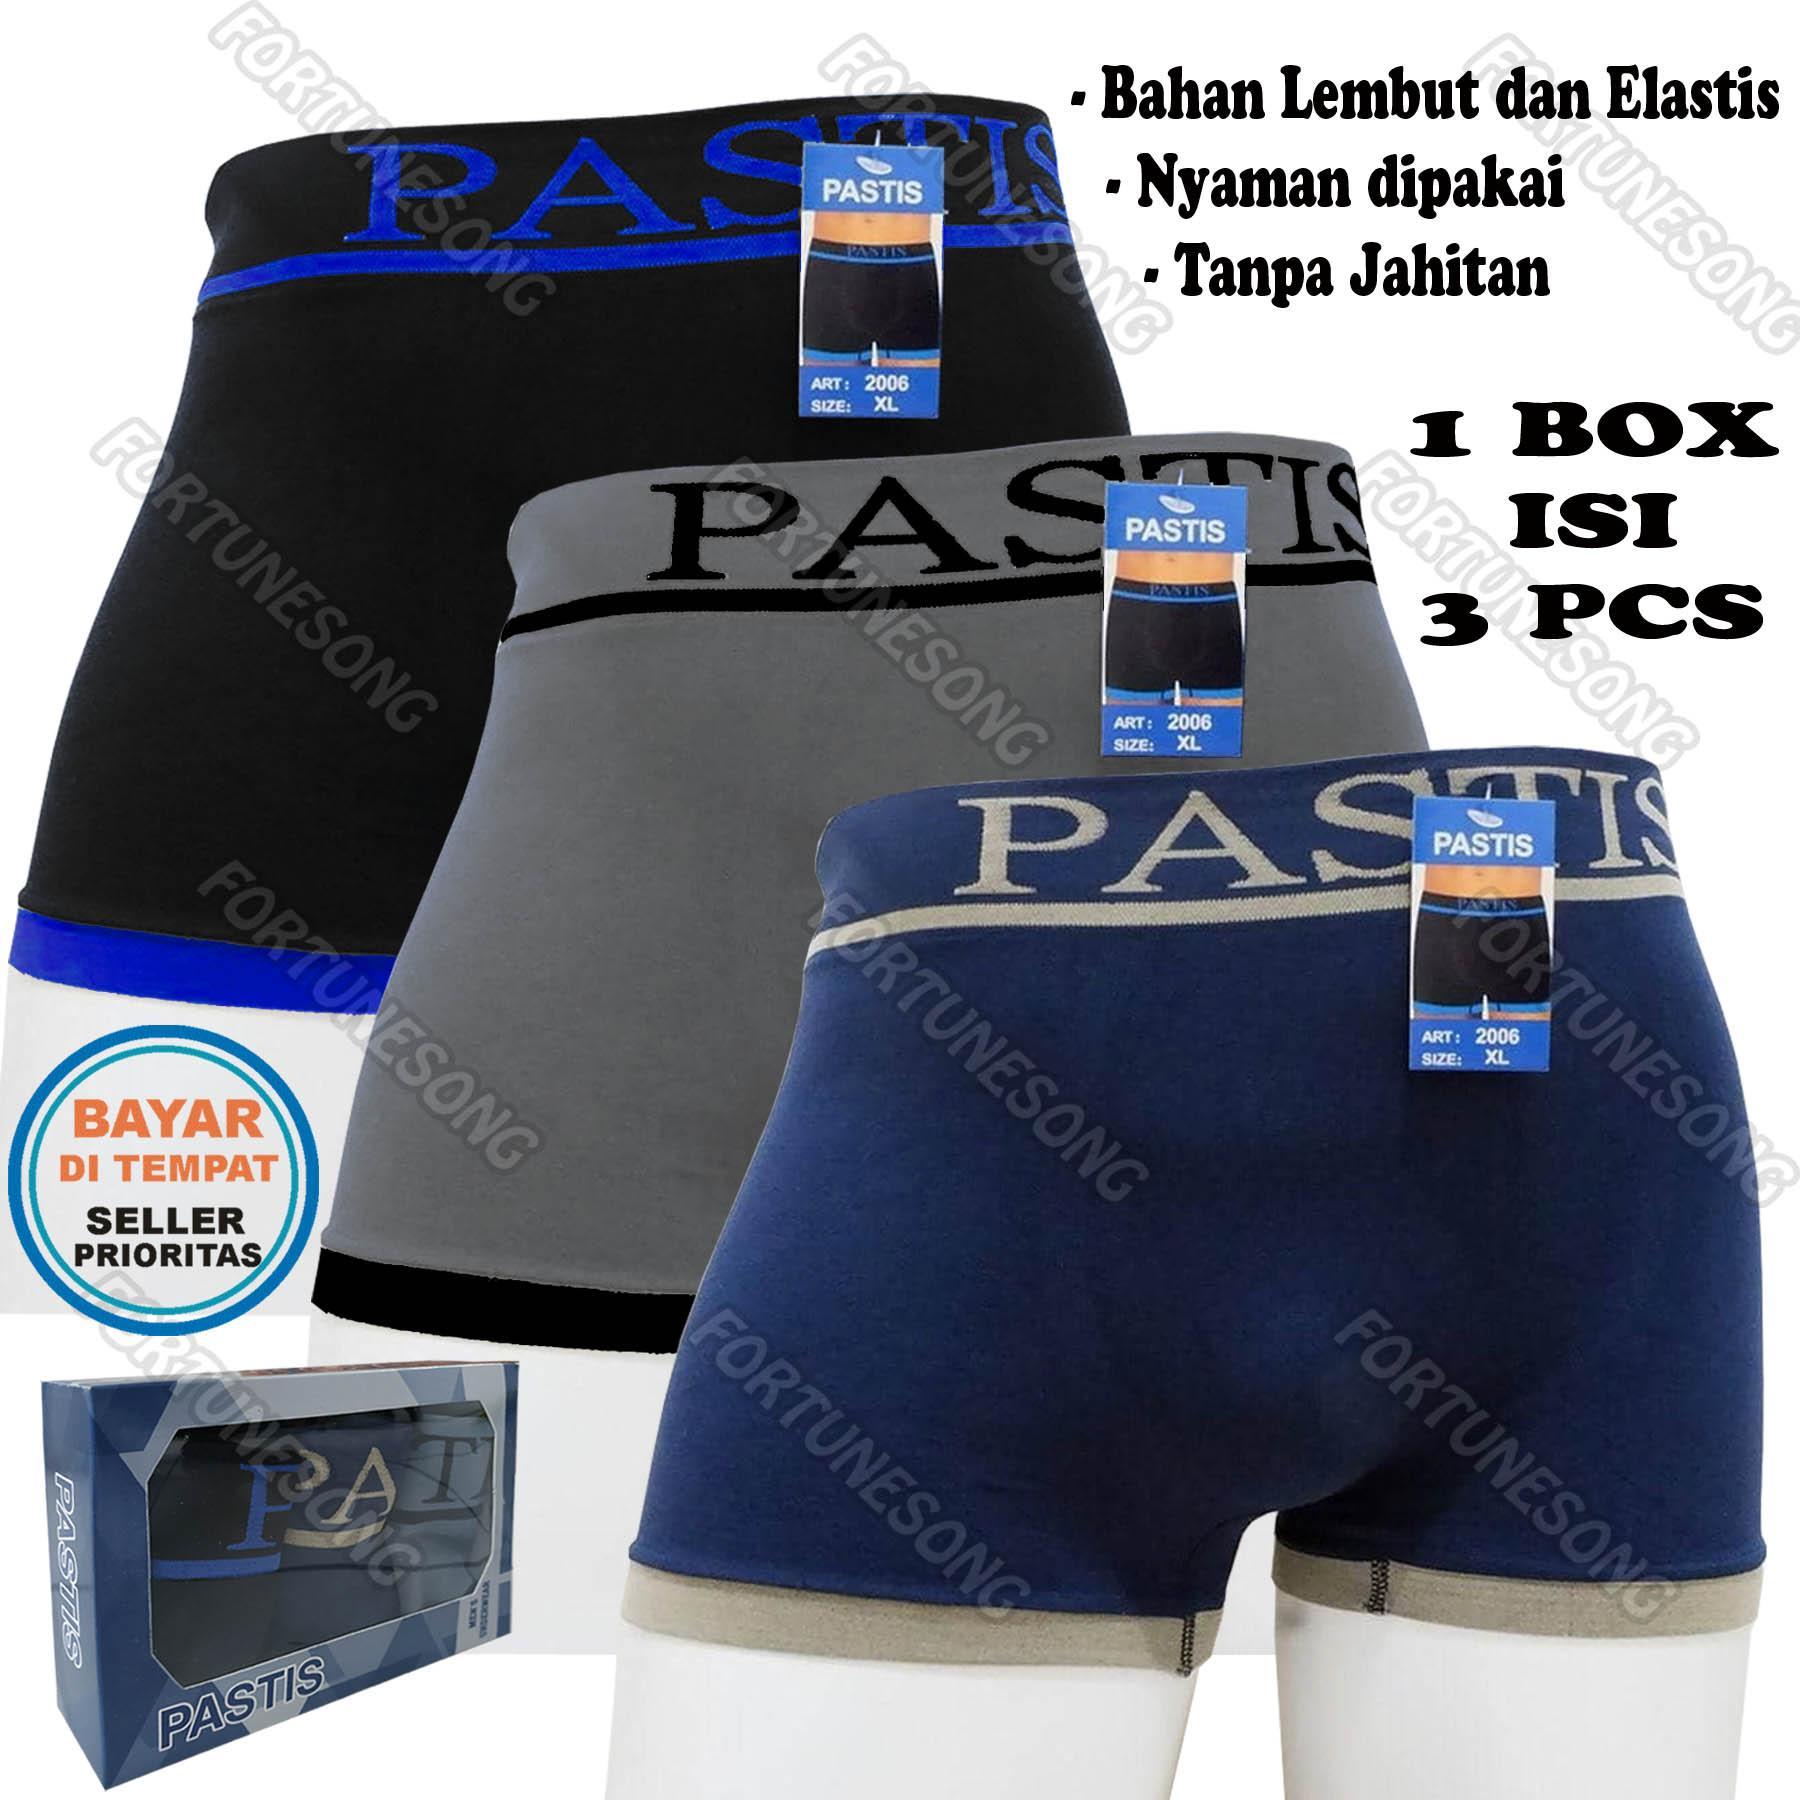 3 Pcs Celana Dalam Boxer Pria Variasi Premium Tanpa Jahitan (1 box isi 3 pcs be90ef880f